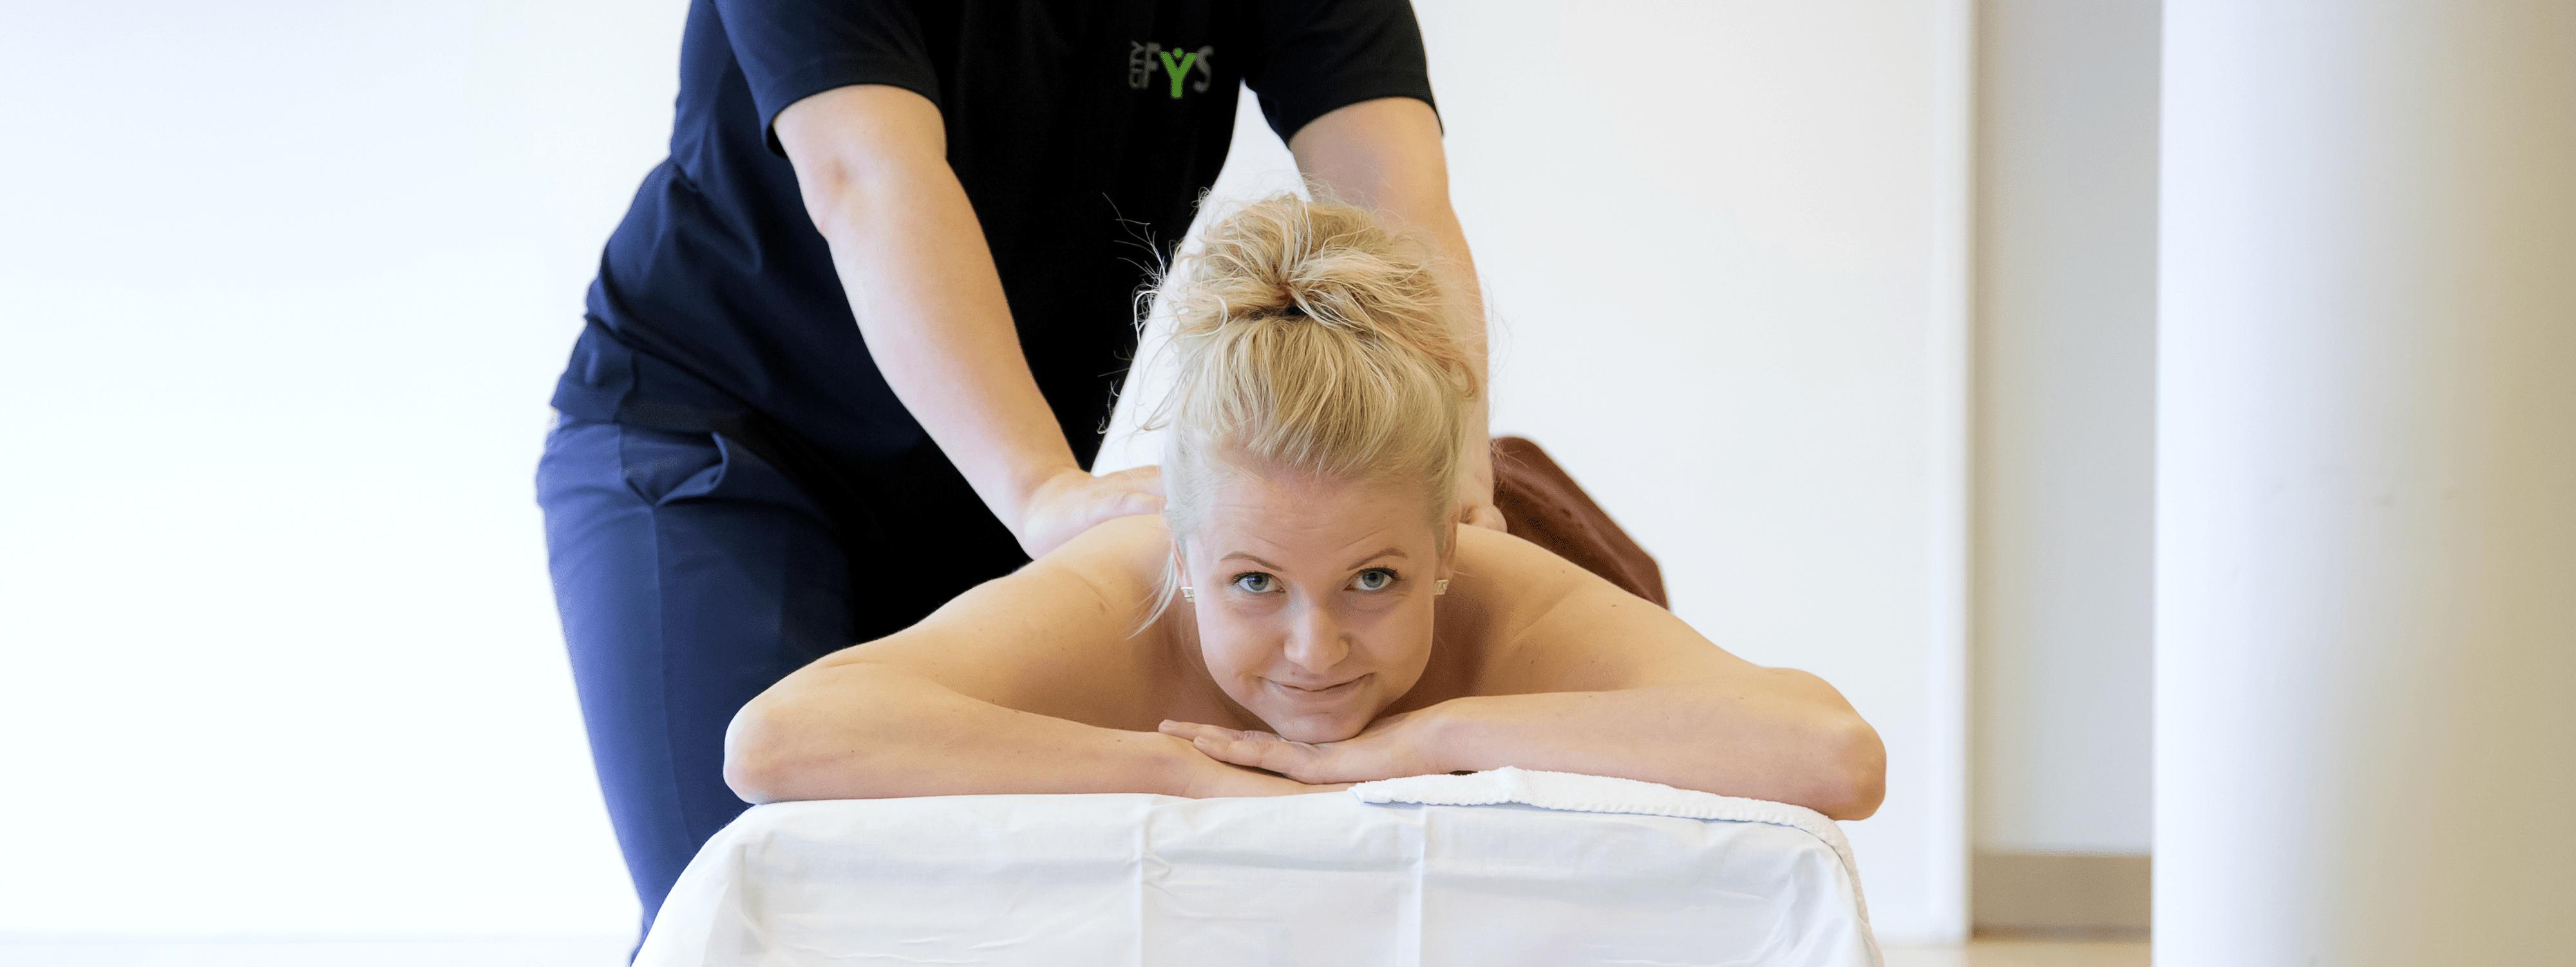 Kvinde kigger op mens hun bliver masseret på ryggen